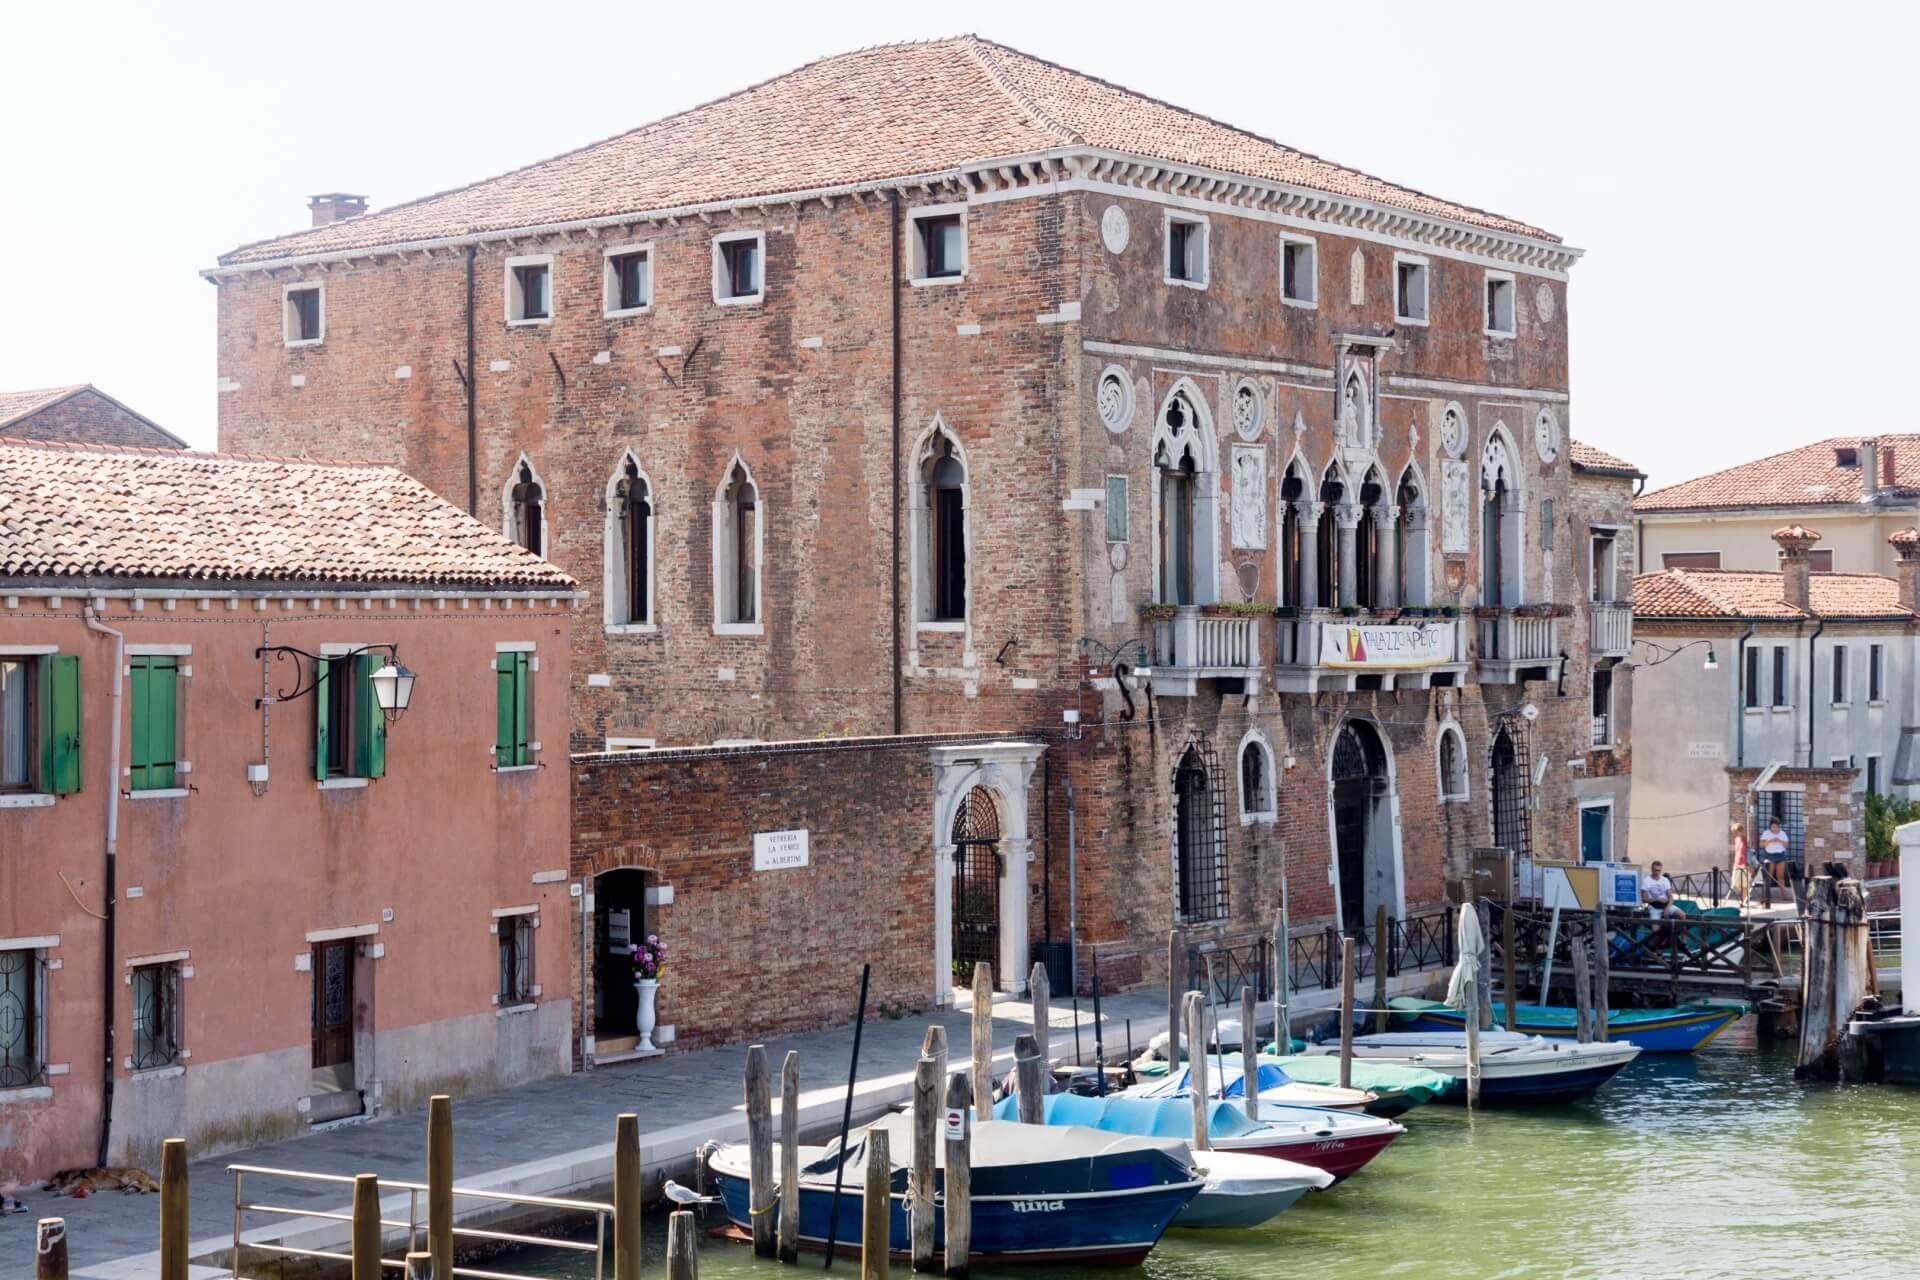 Palazzo da Mula in Murano